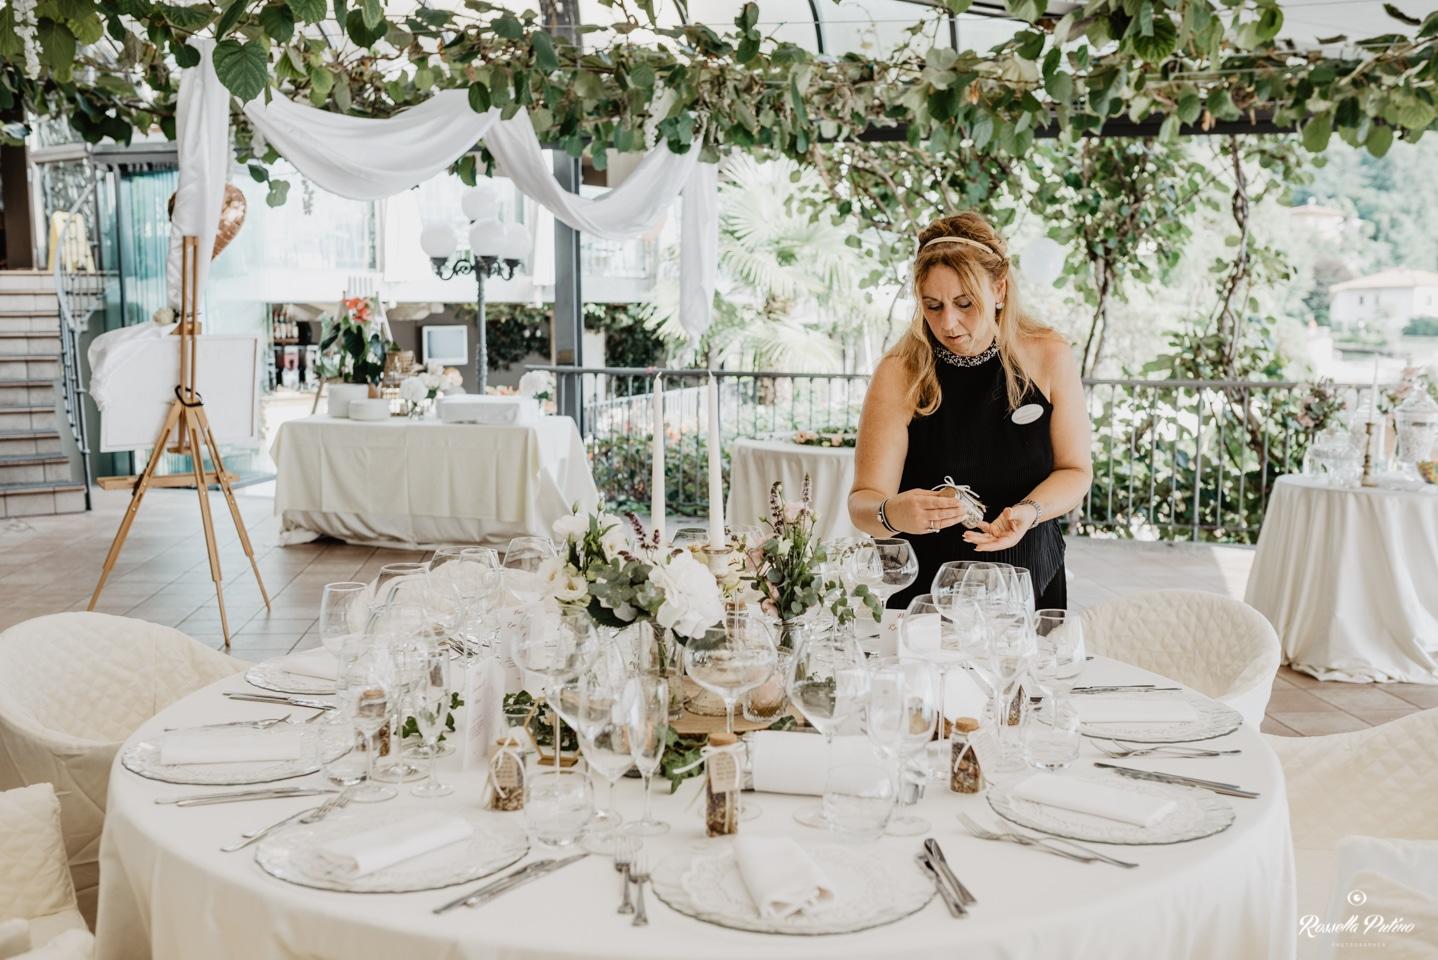 Cornelia Fuchs steht an der Hochzeitsfeier am Tisch.